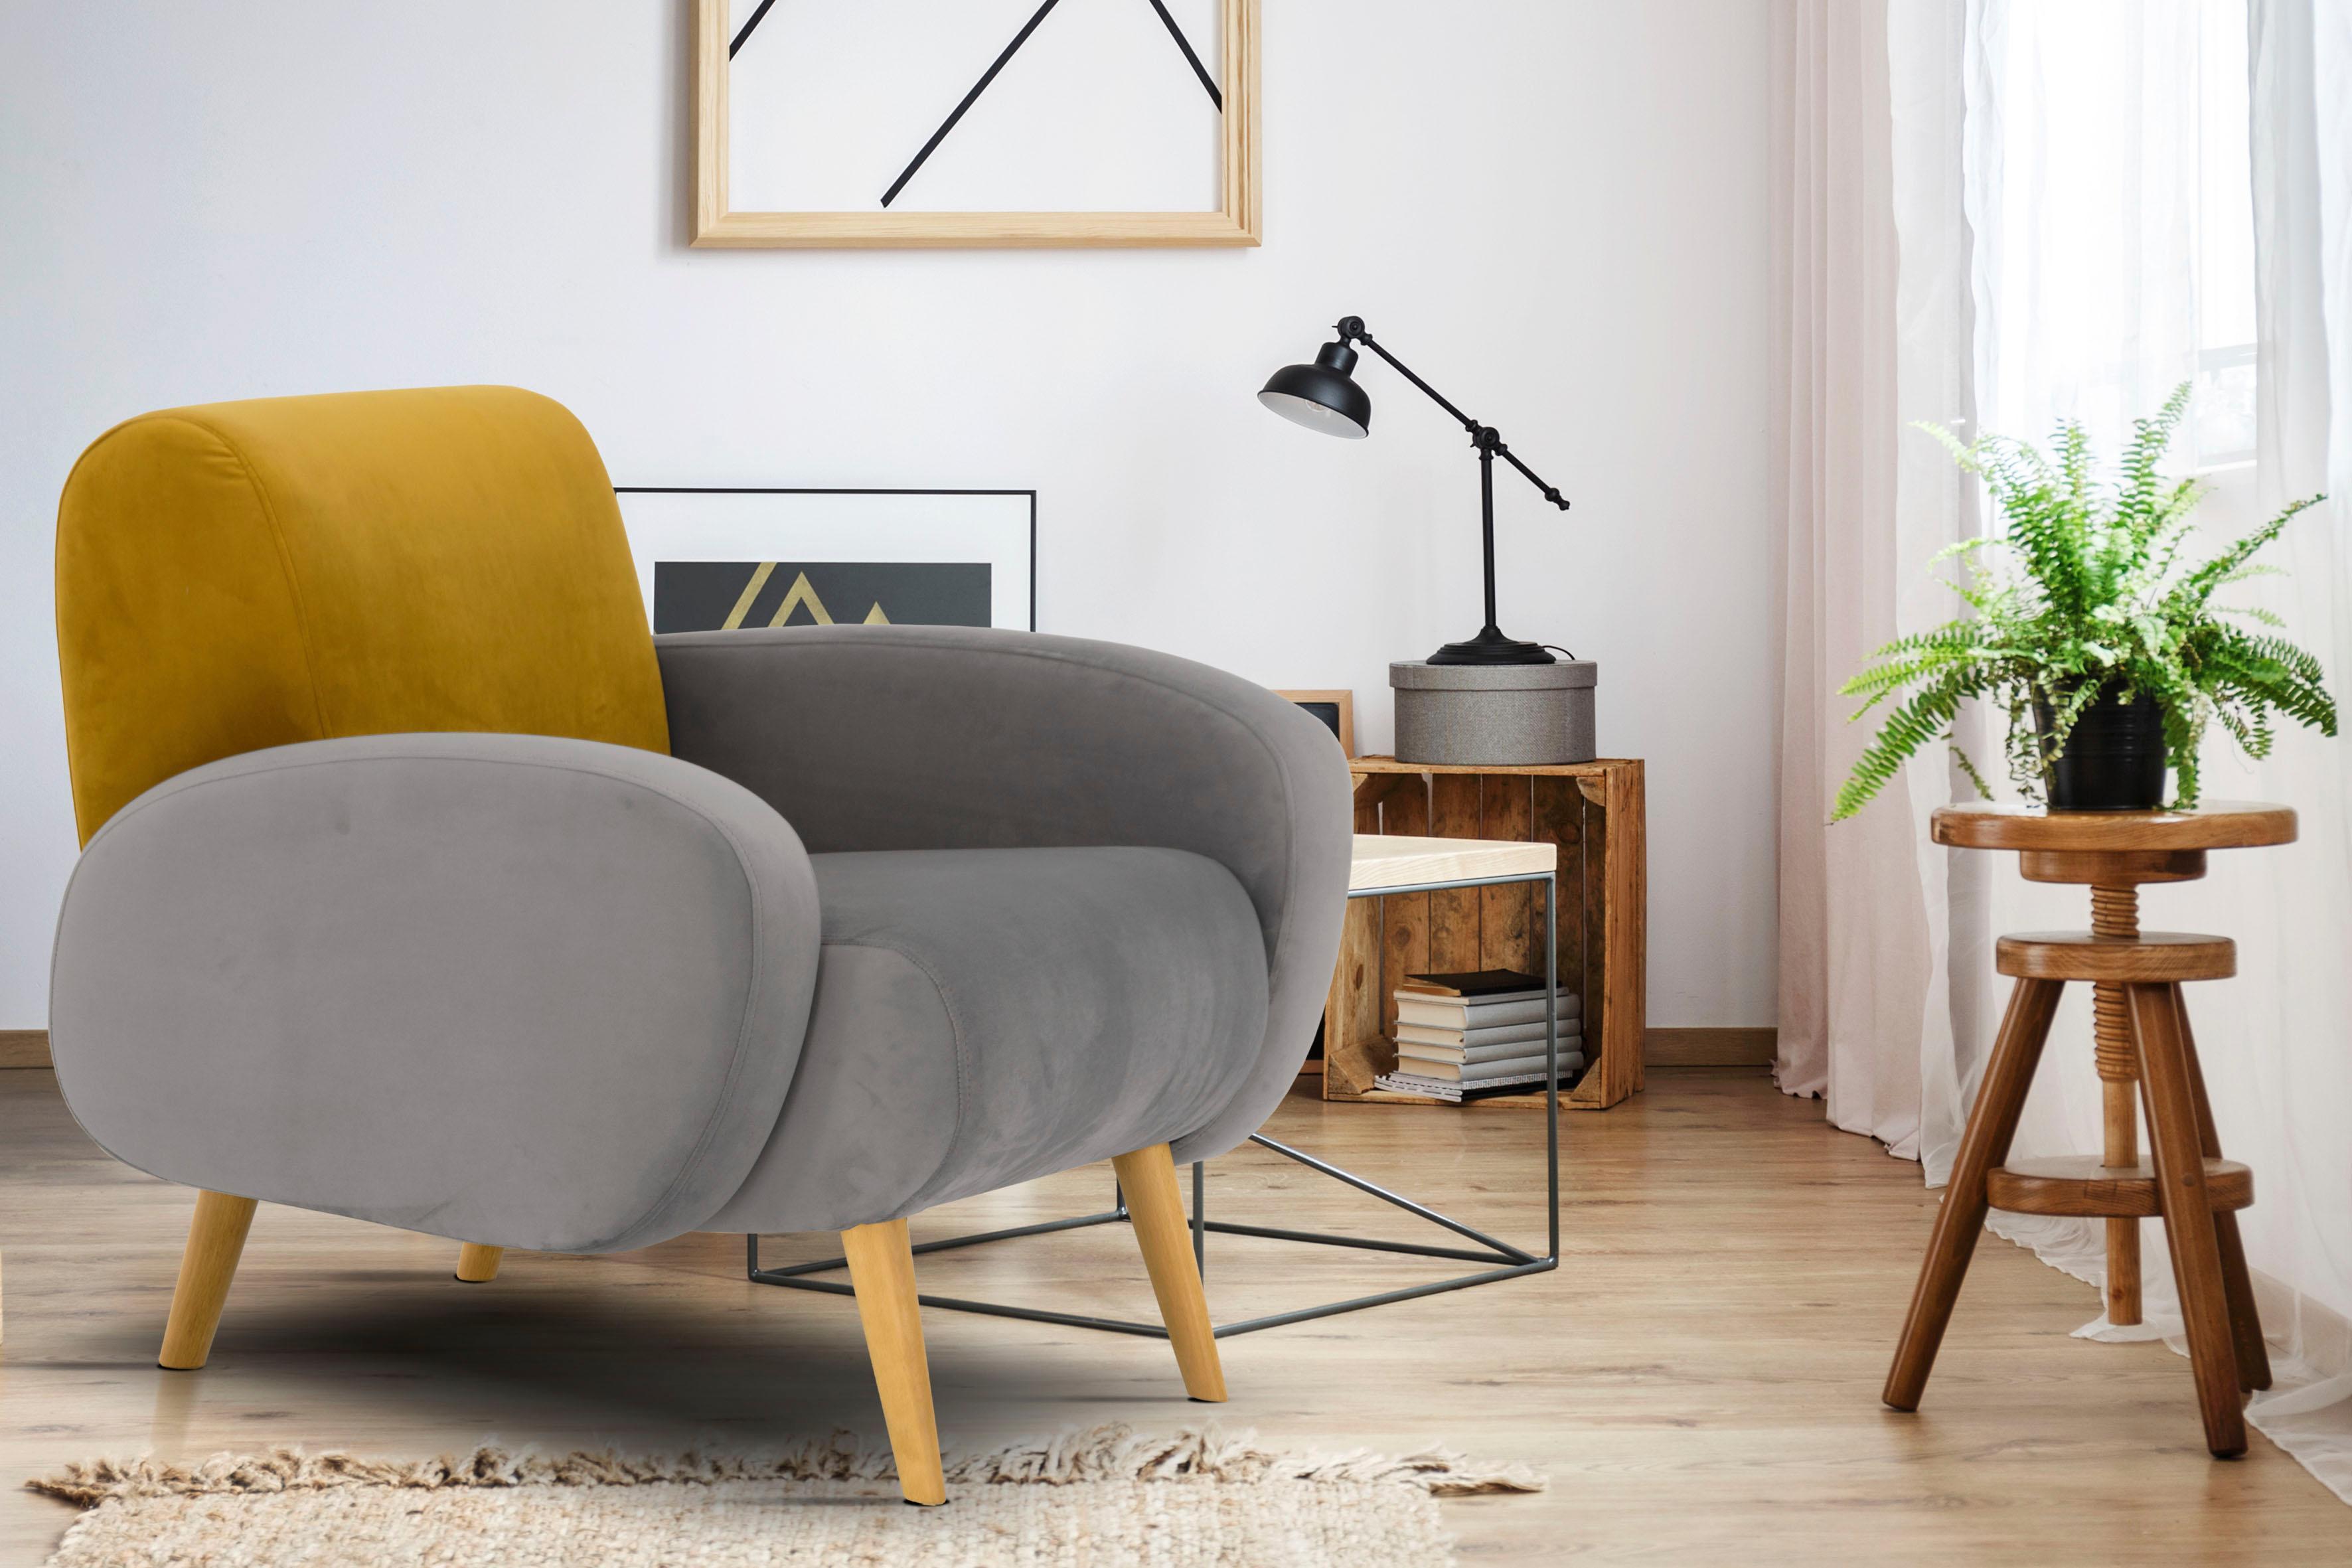 Home affaire Sessel Tox in außergewöhnlicher stylischer Optik